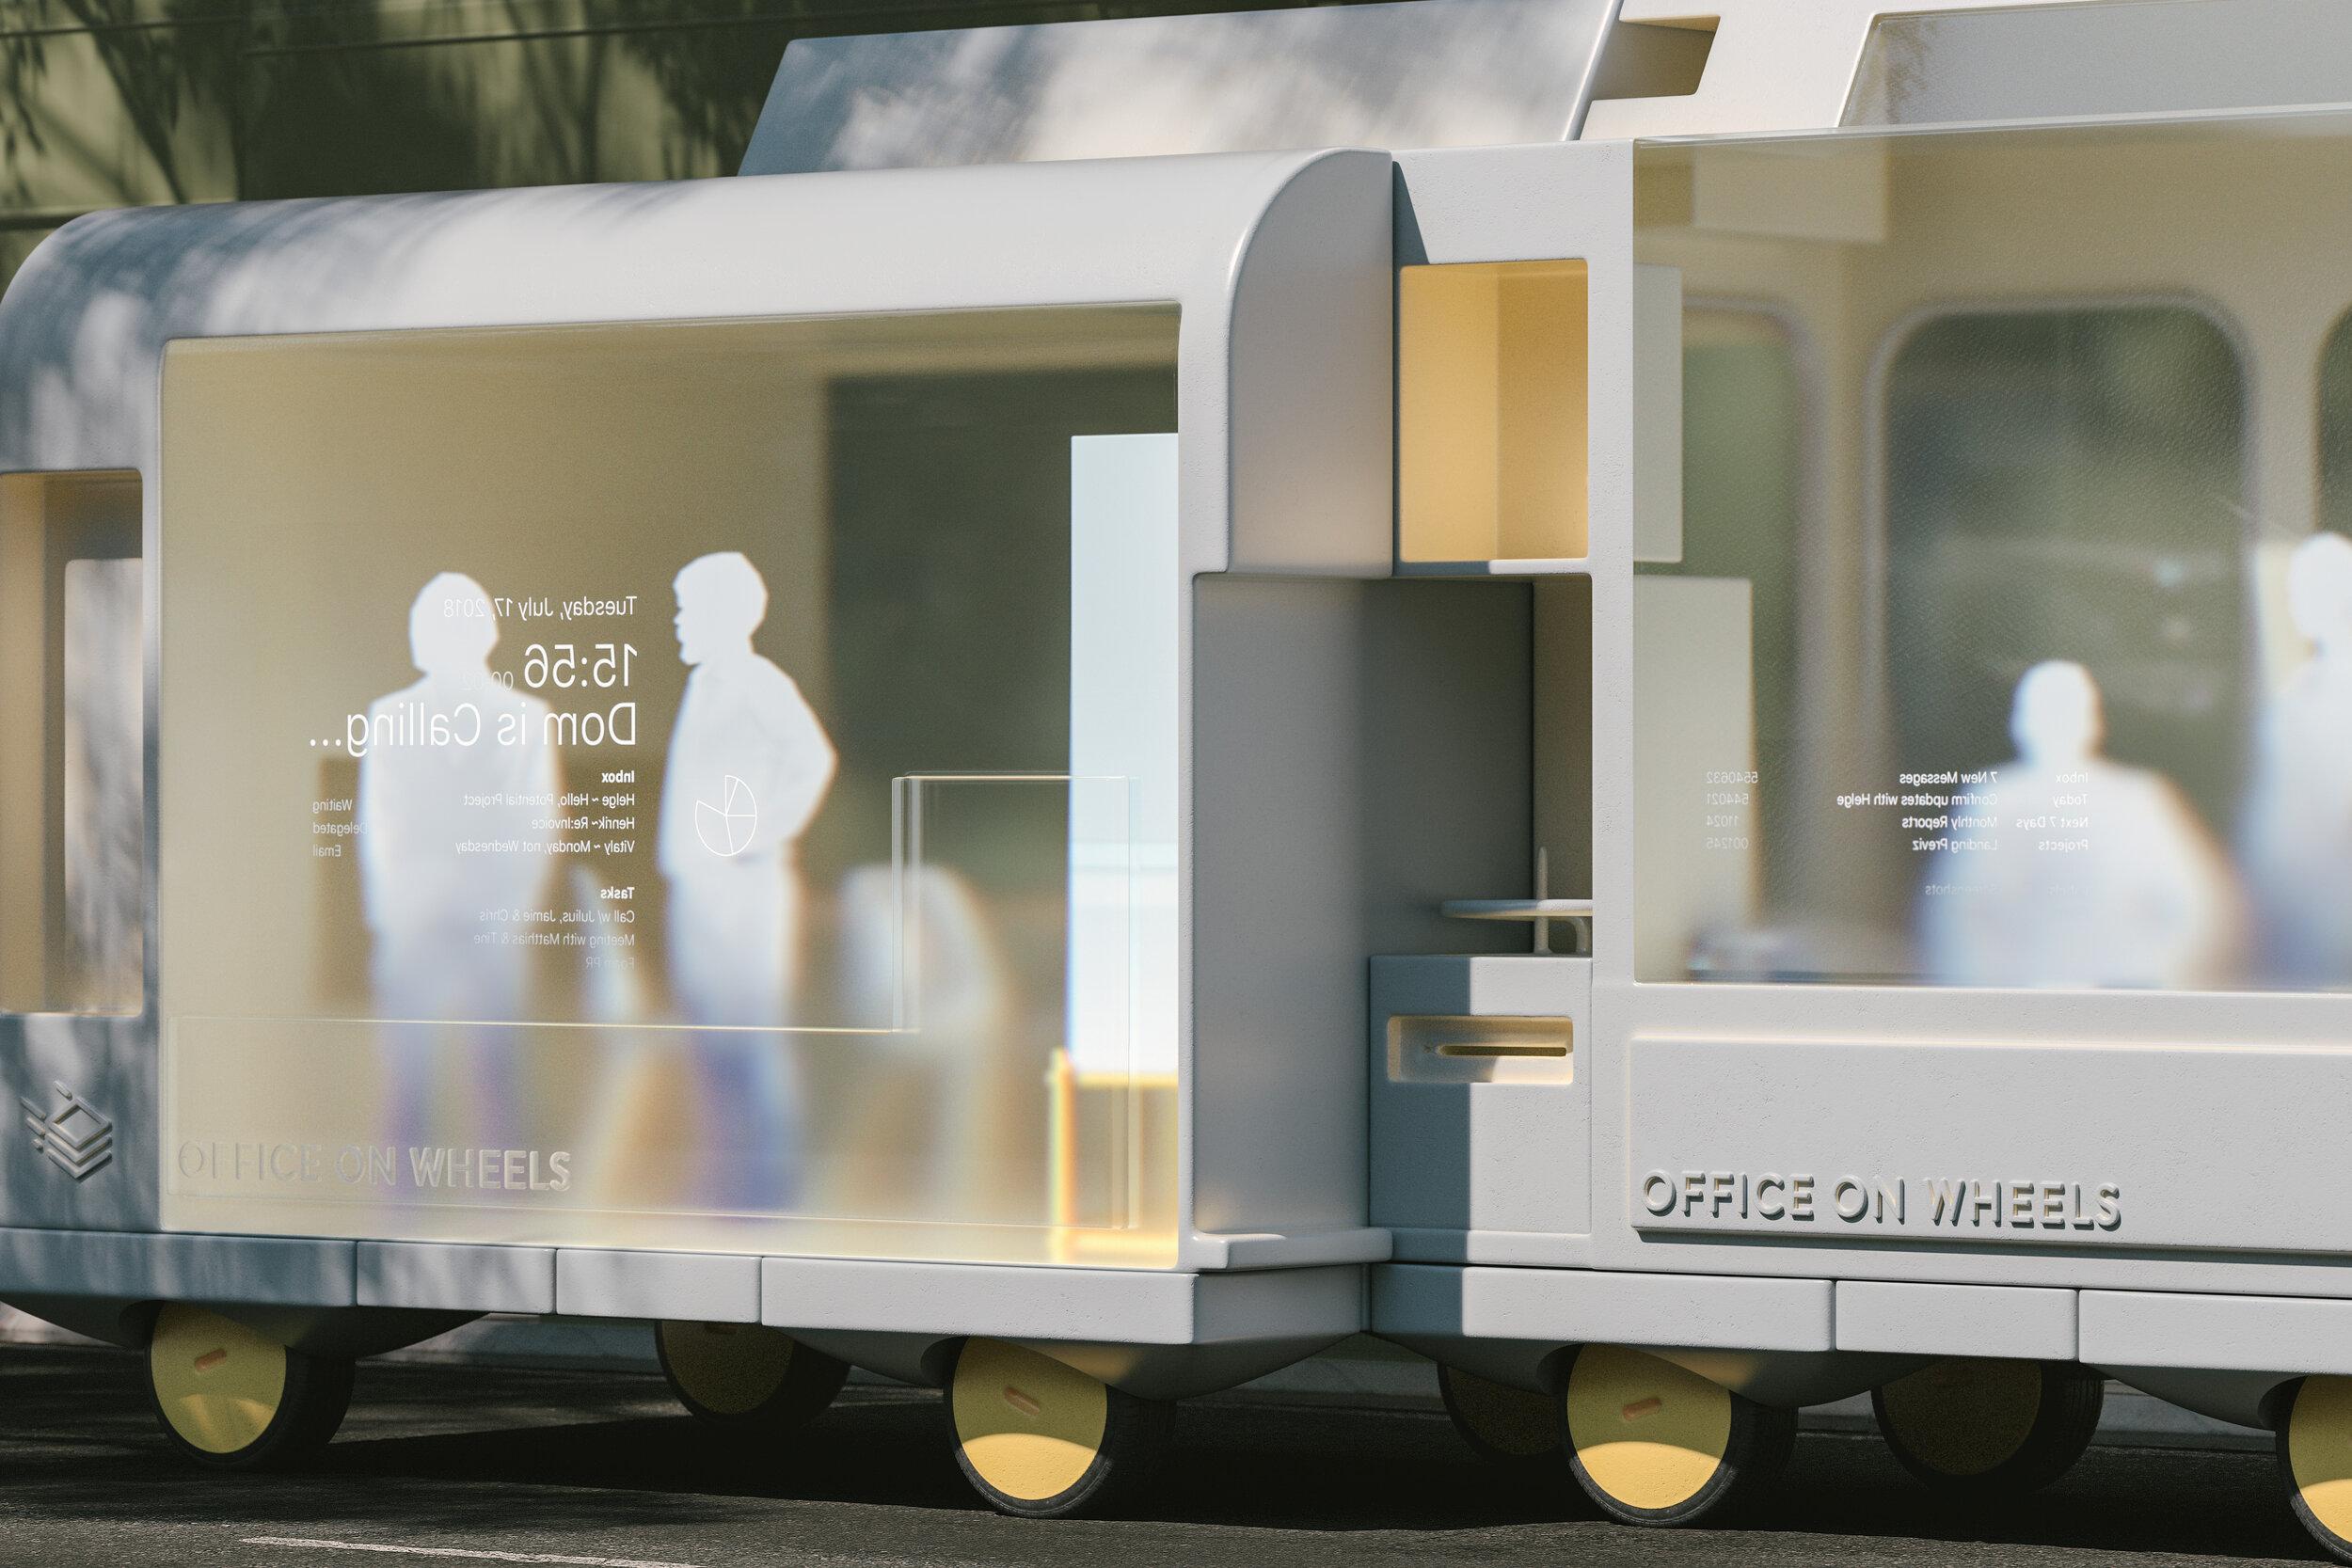 创新空间概念设计,房车设计,移动办公空间设计,快闪店设计,创意外卖车设计,概念设计图片,商业空间设计